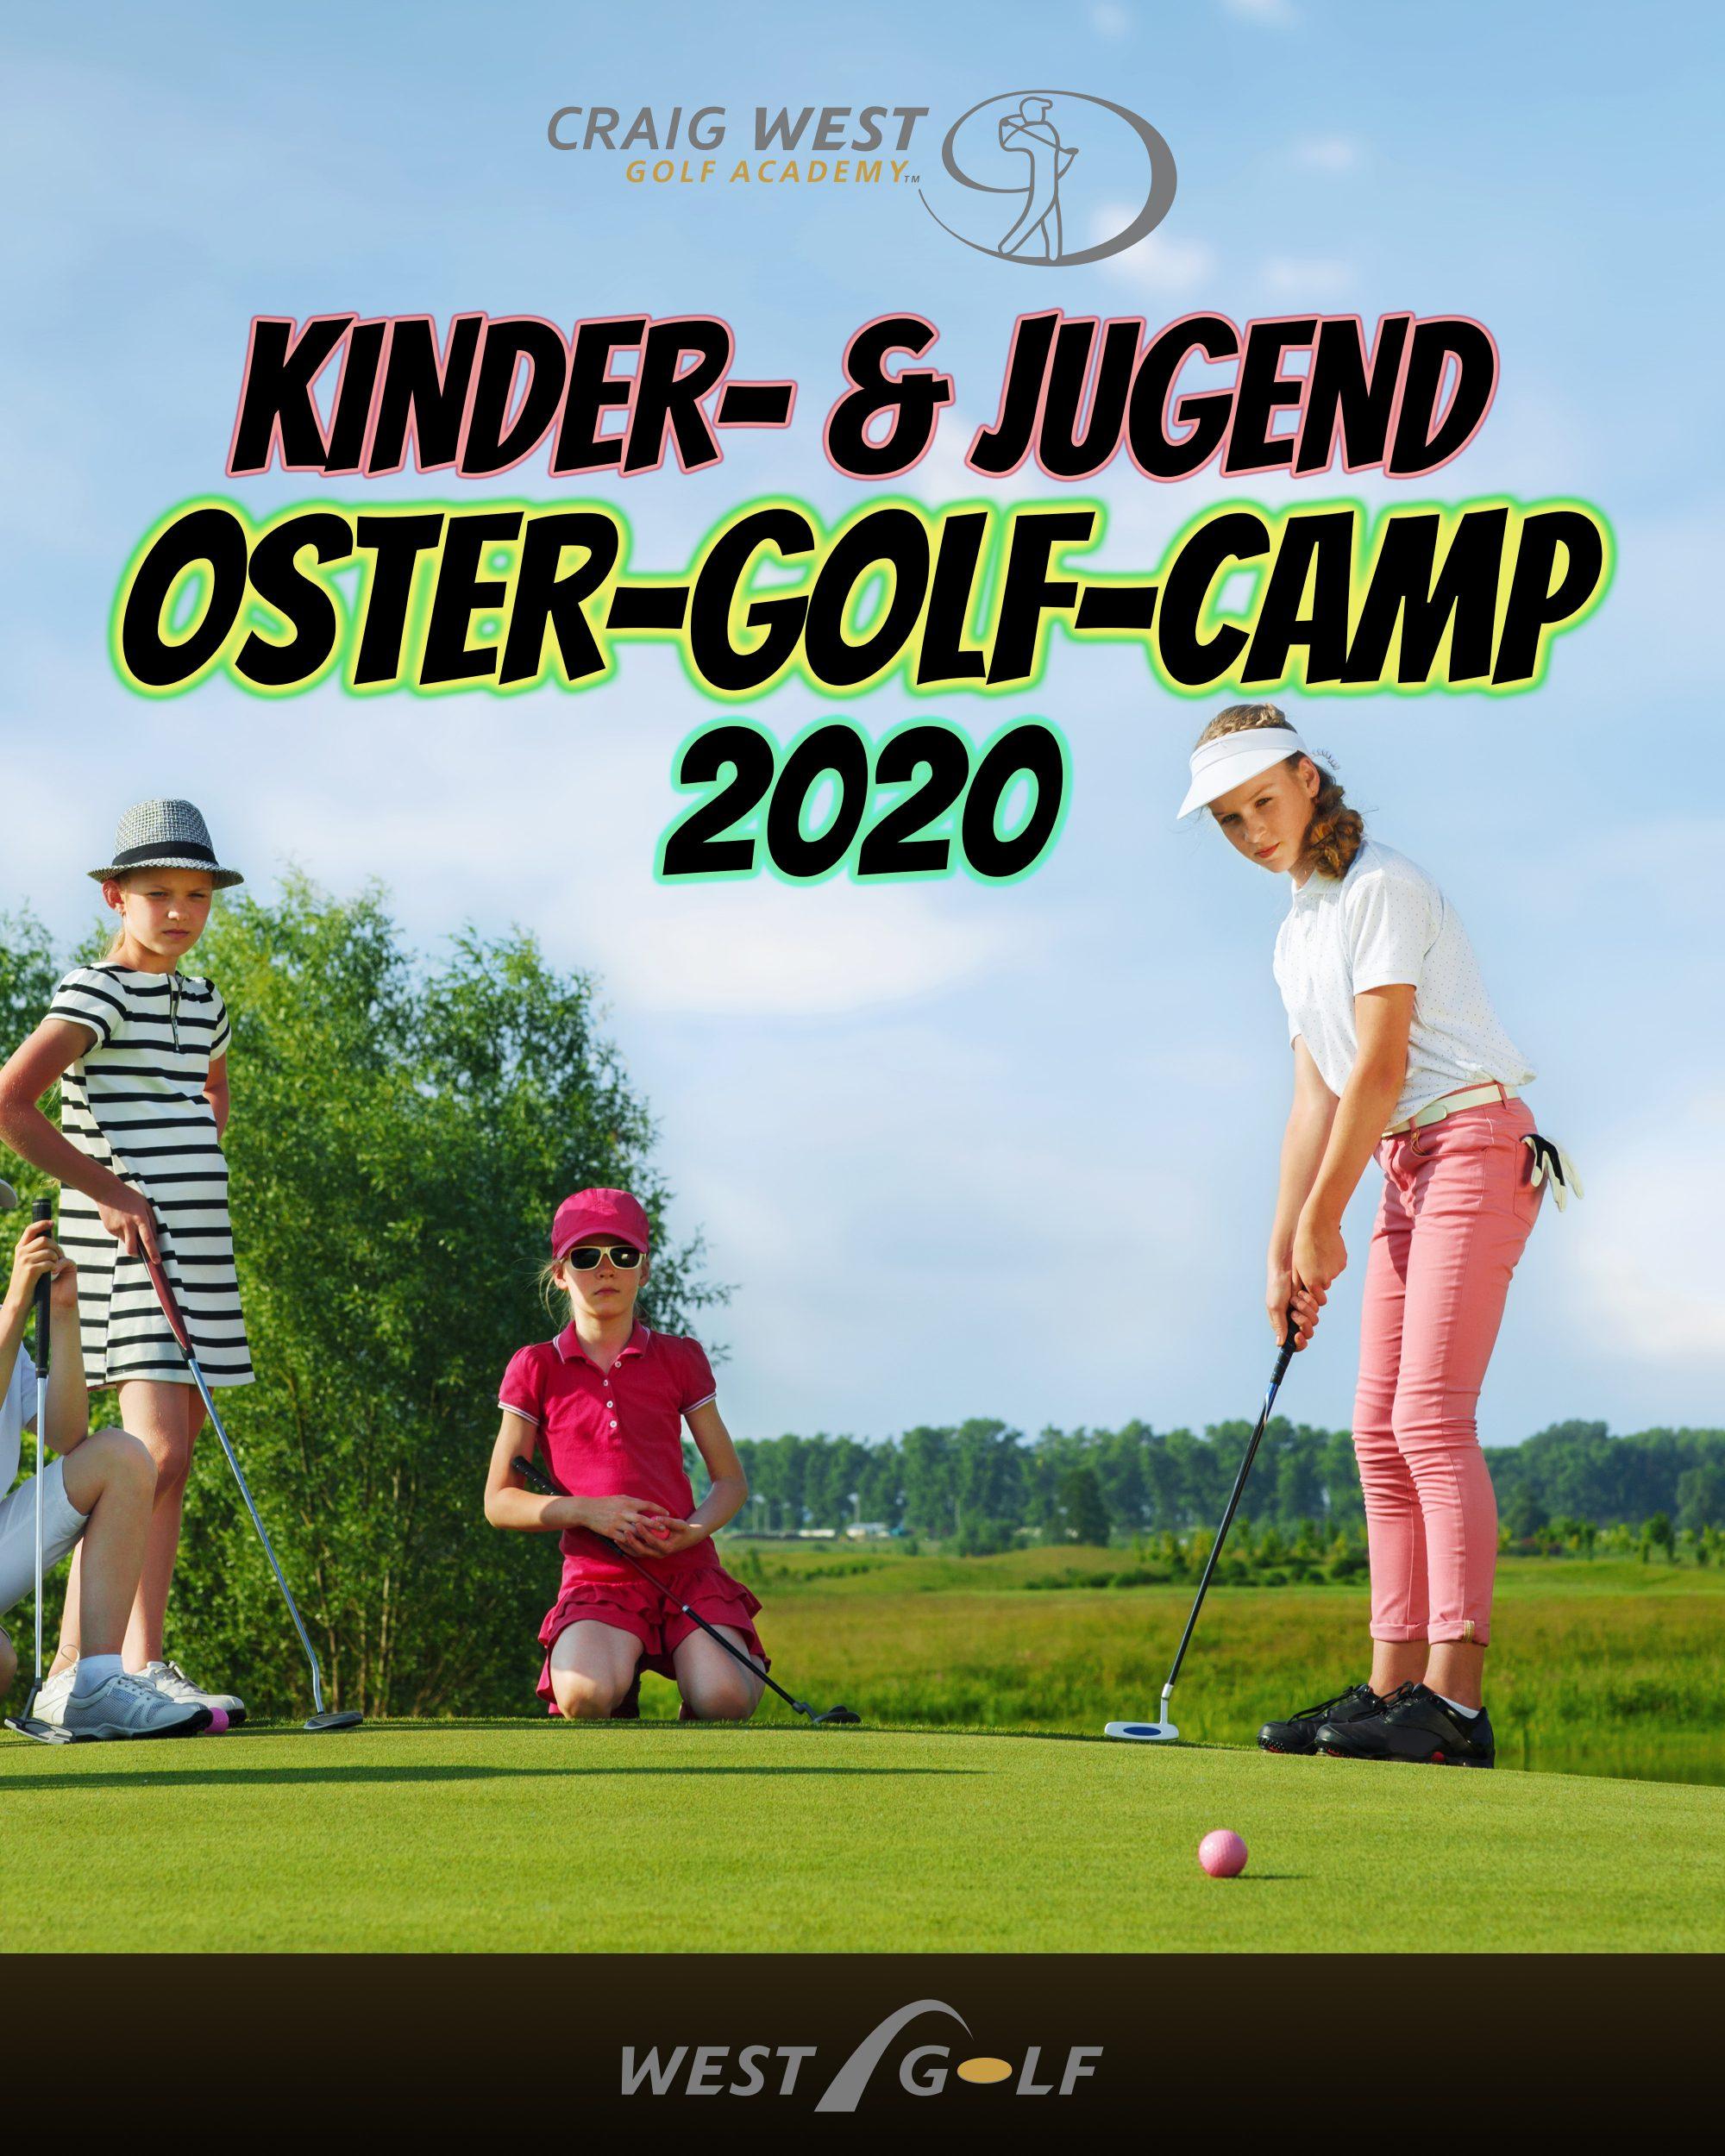 Kinder- & Jugend Oster-Golf-Camp 2020